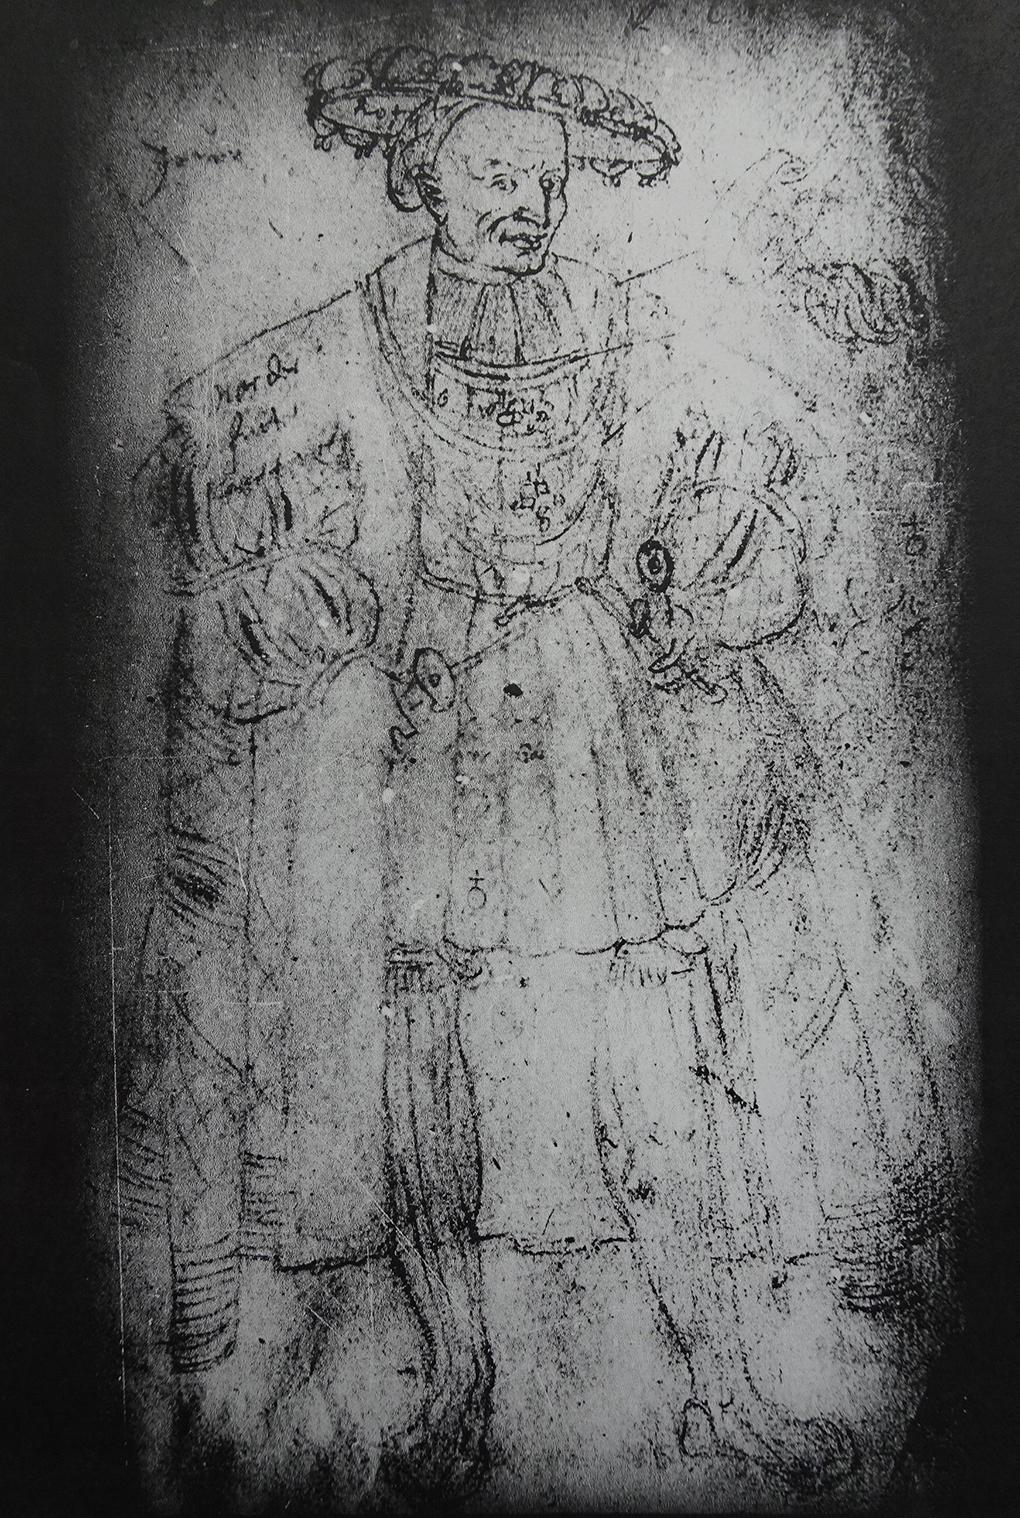 Lukas Cranach (?), Portret Bogusława X, nie datowany, XVI w., rysunek węglem? na papierze, fotografia archiwalna, Muzeum Narodowe w Szczecinie